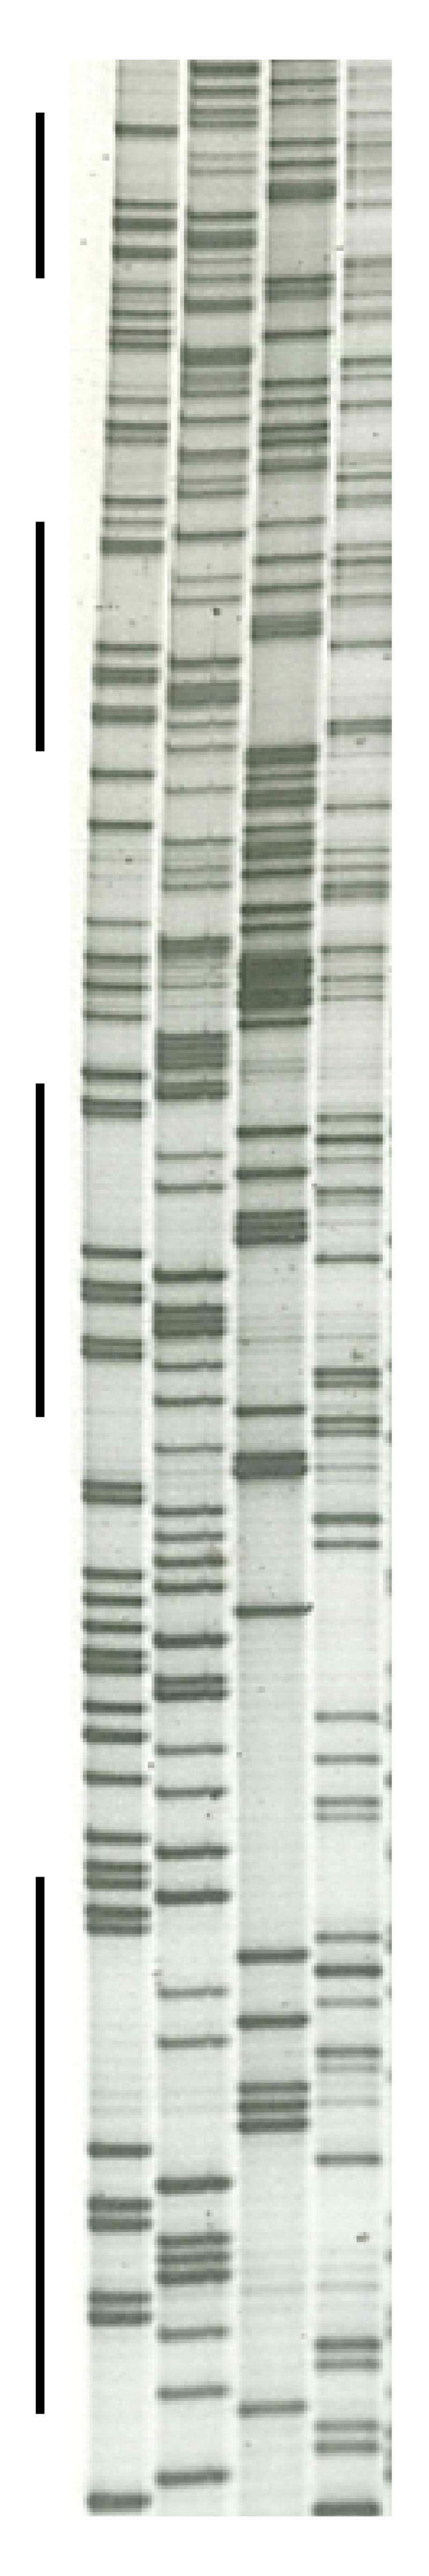 Figure2Mojica